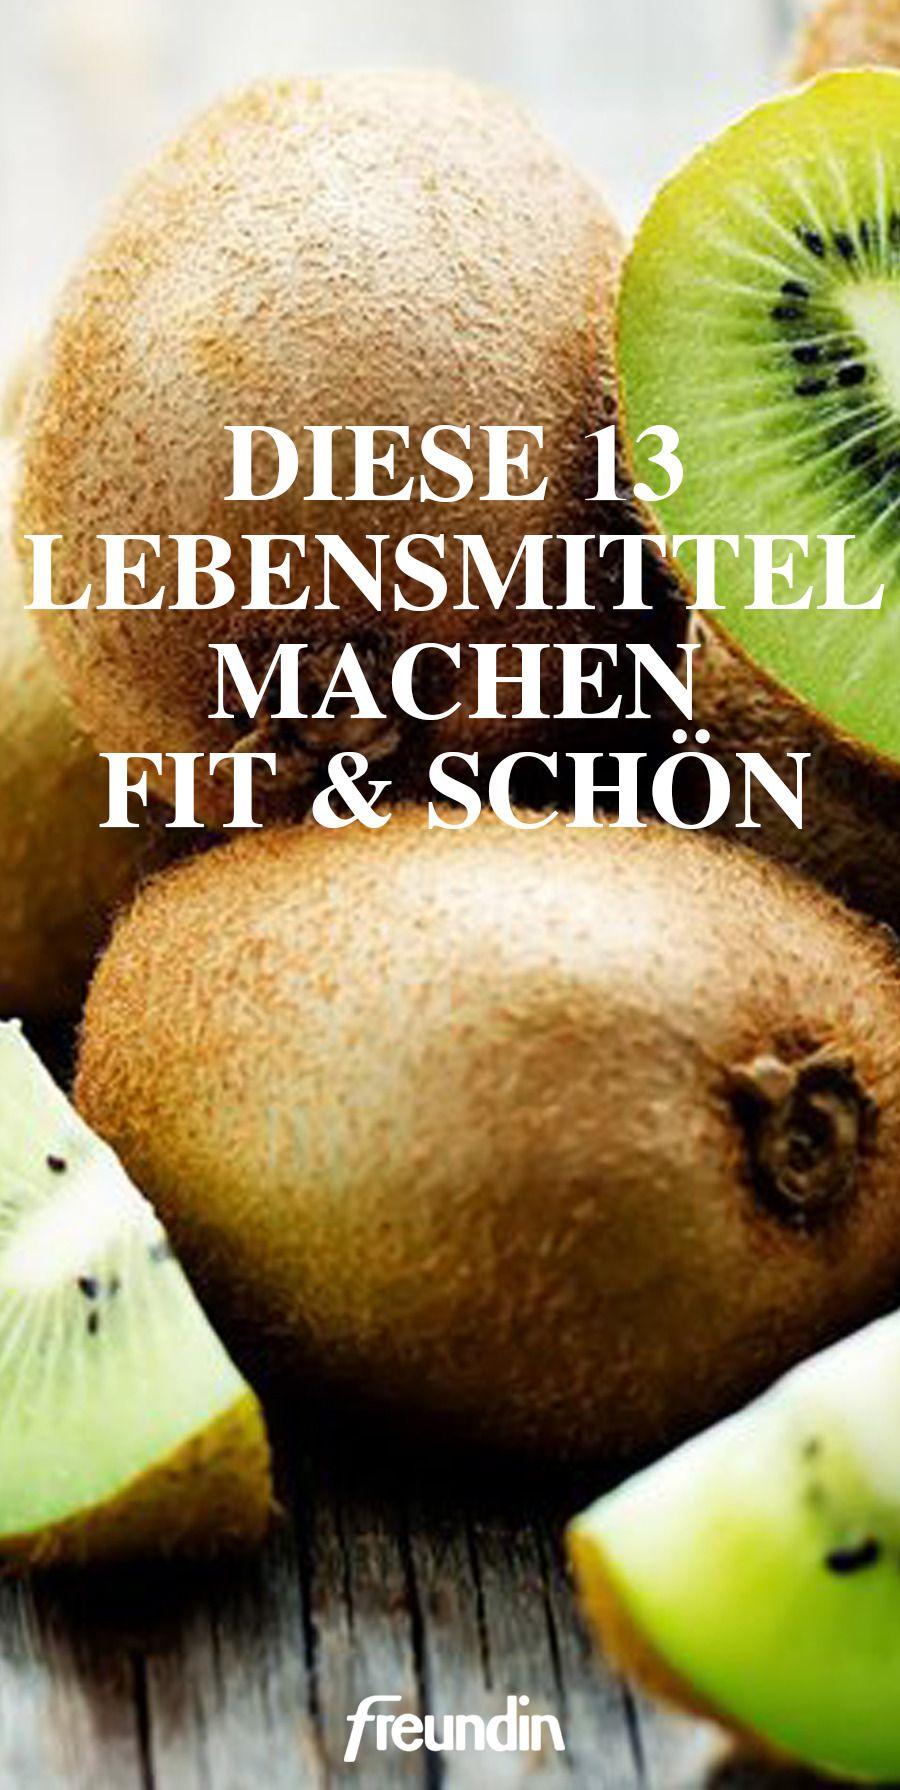 Photo of Ernährung: Diese 13 Lebensmittel machen fit, schön und helfen beim Abnehmen | freundin.de